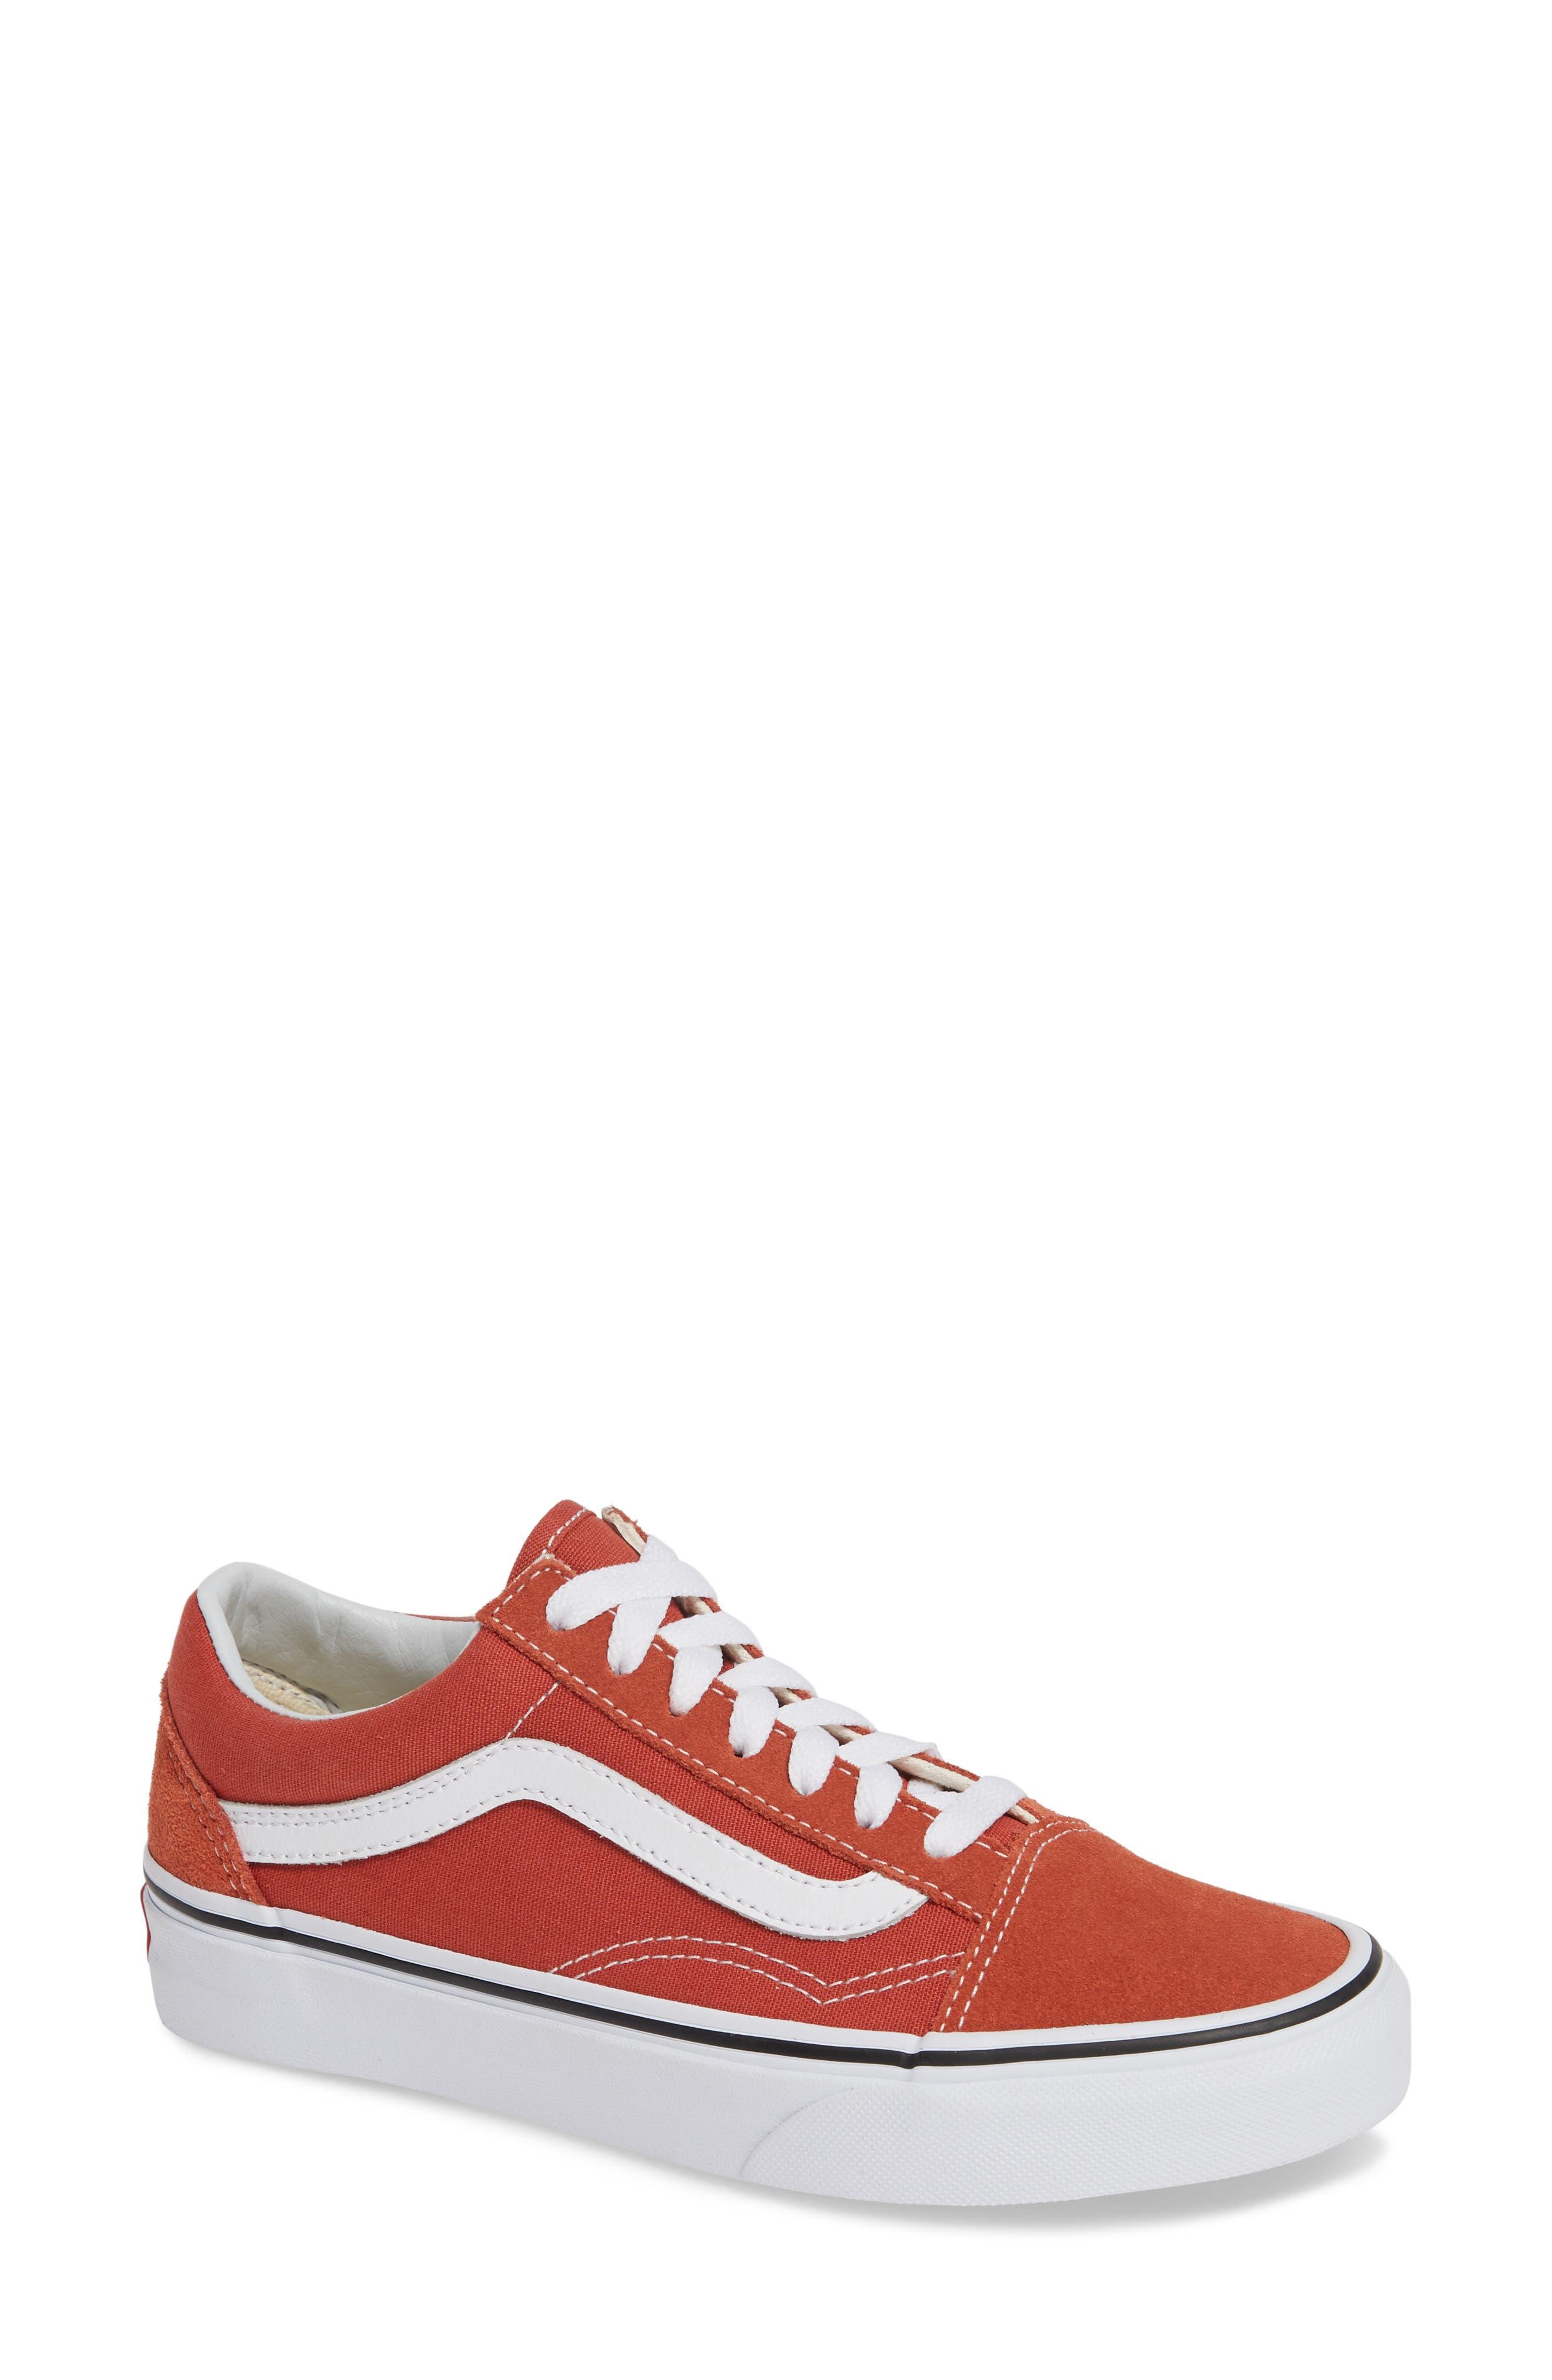 Vans Old Skool Sneaker- Red